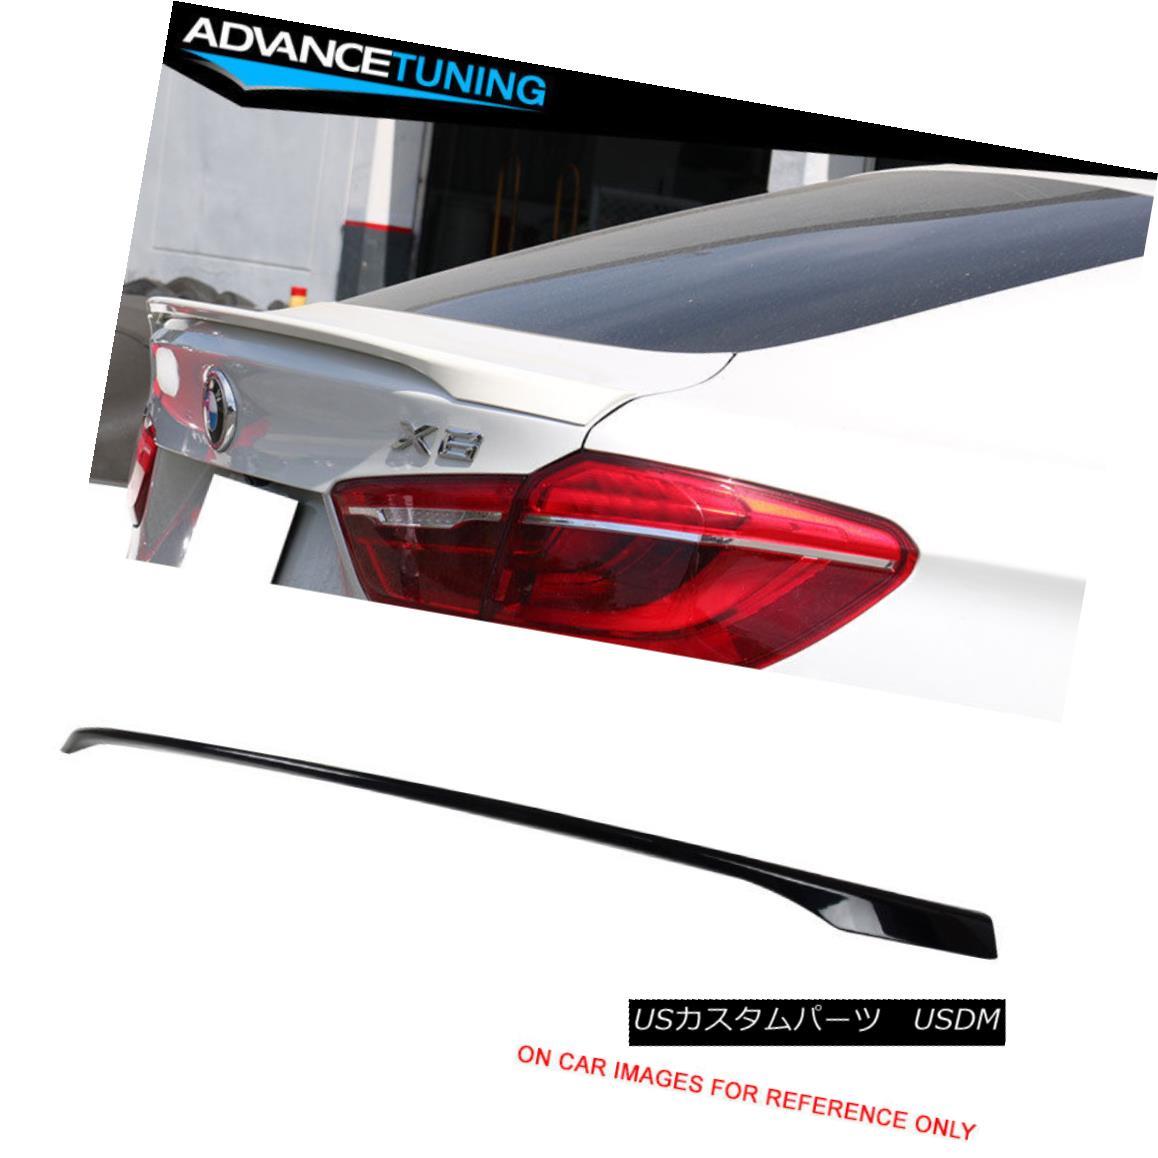 エアロパーツ Fit 16-17 X6 F16 Performance Trunk Spoiler OEM Painted 416 Carbon Black Metallic フィット16-17 X6 F16パフォーマンストランクスポイラーOEM塗装416カーボンブラックメタリック